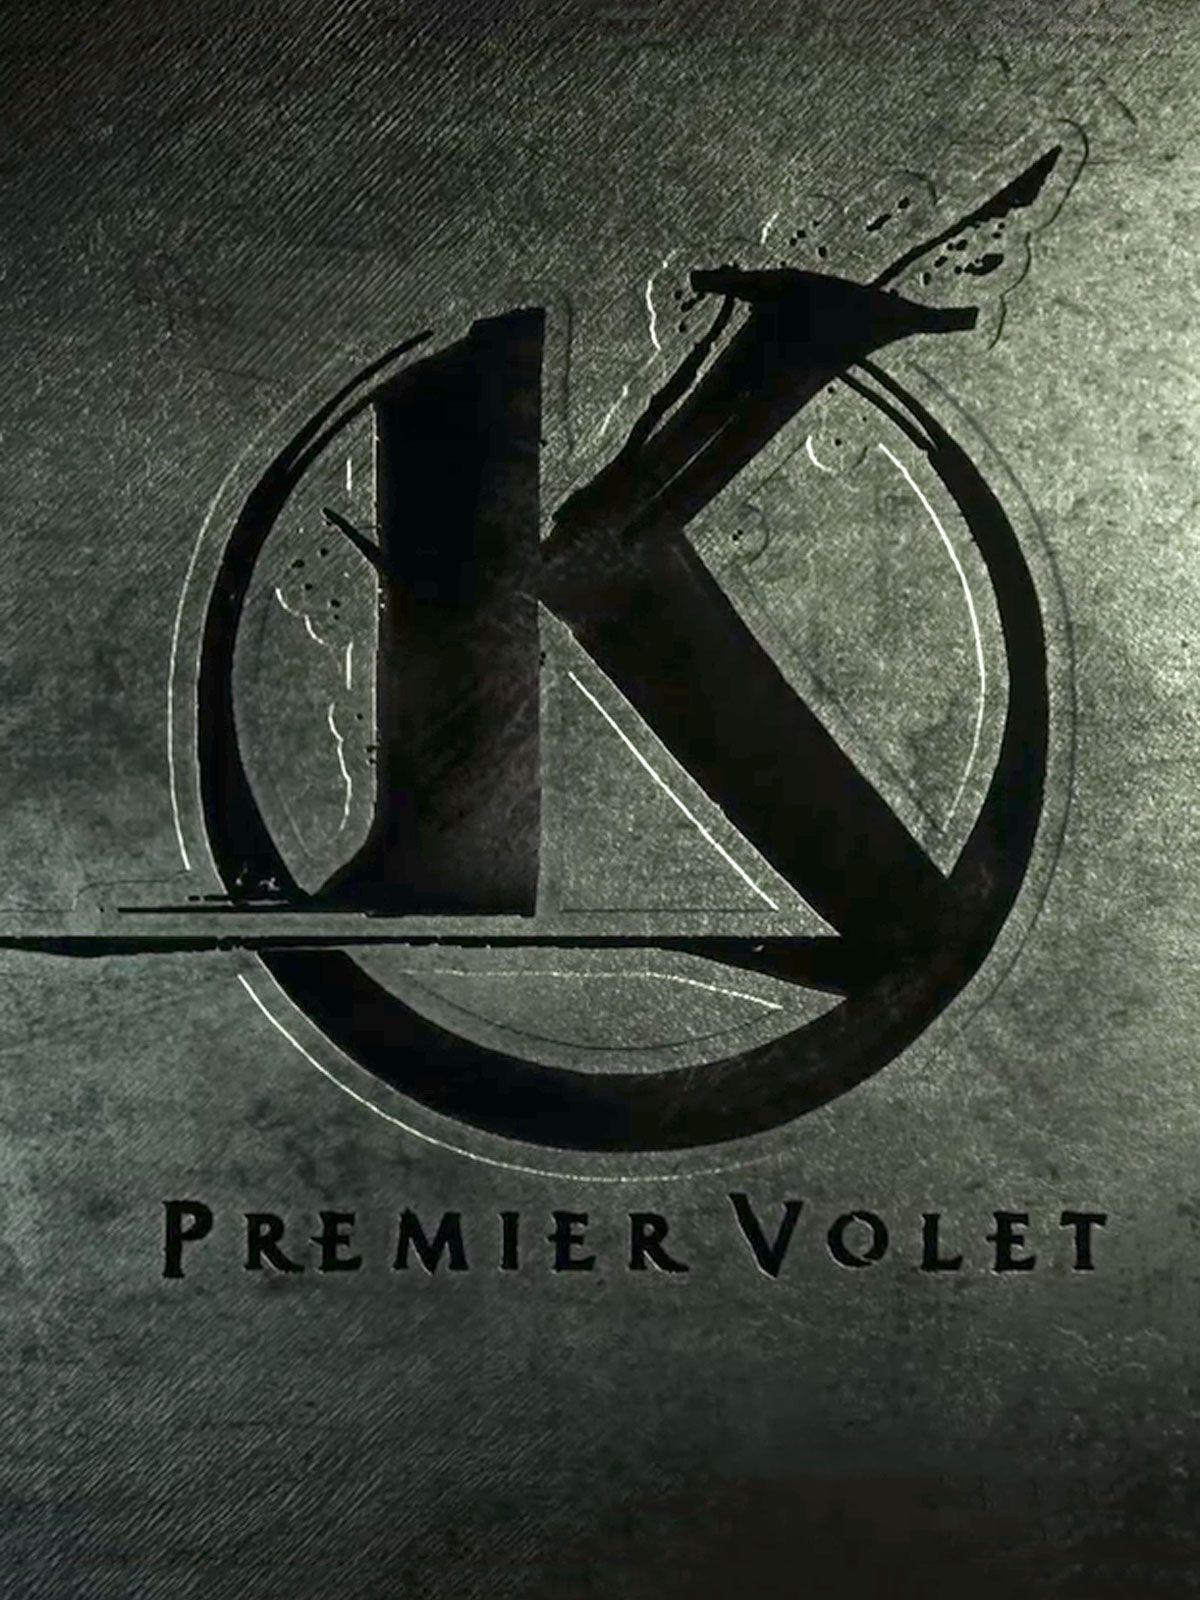 Kaamelott : Premier volet - Film (2020)